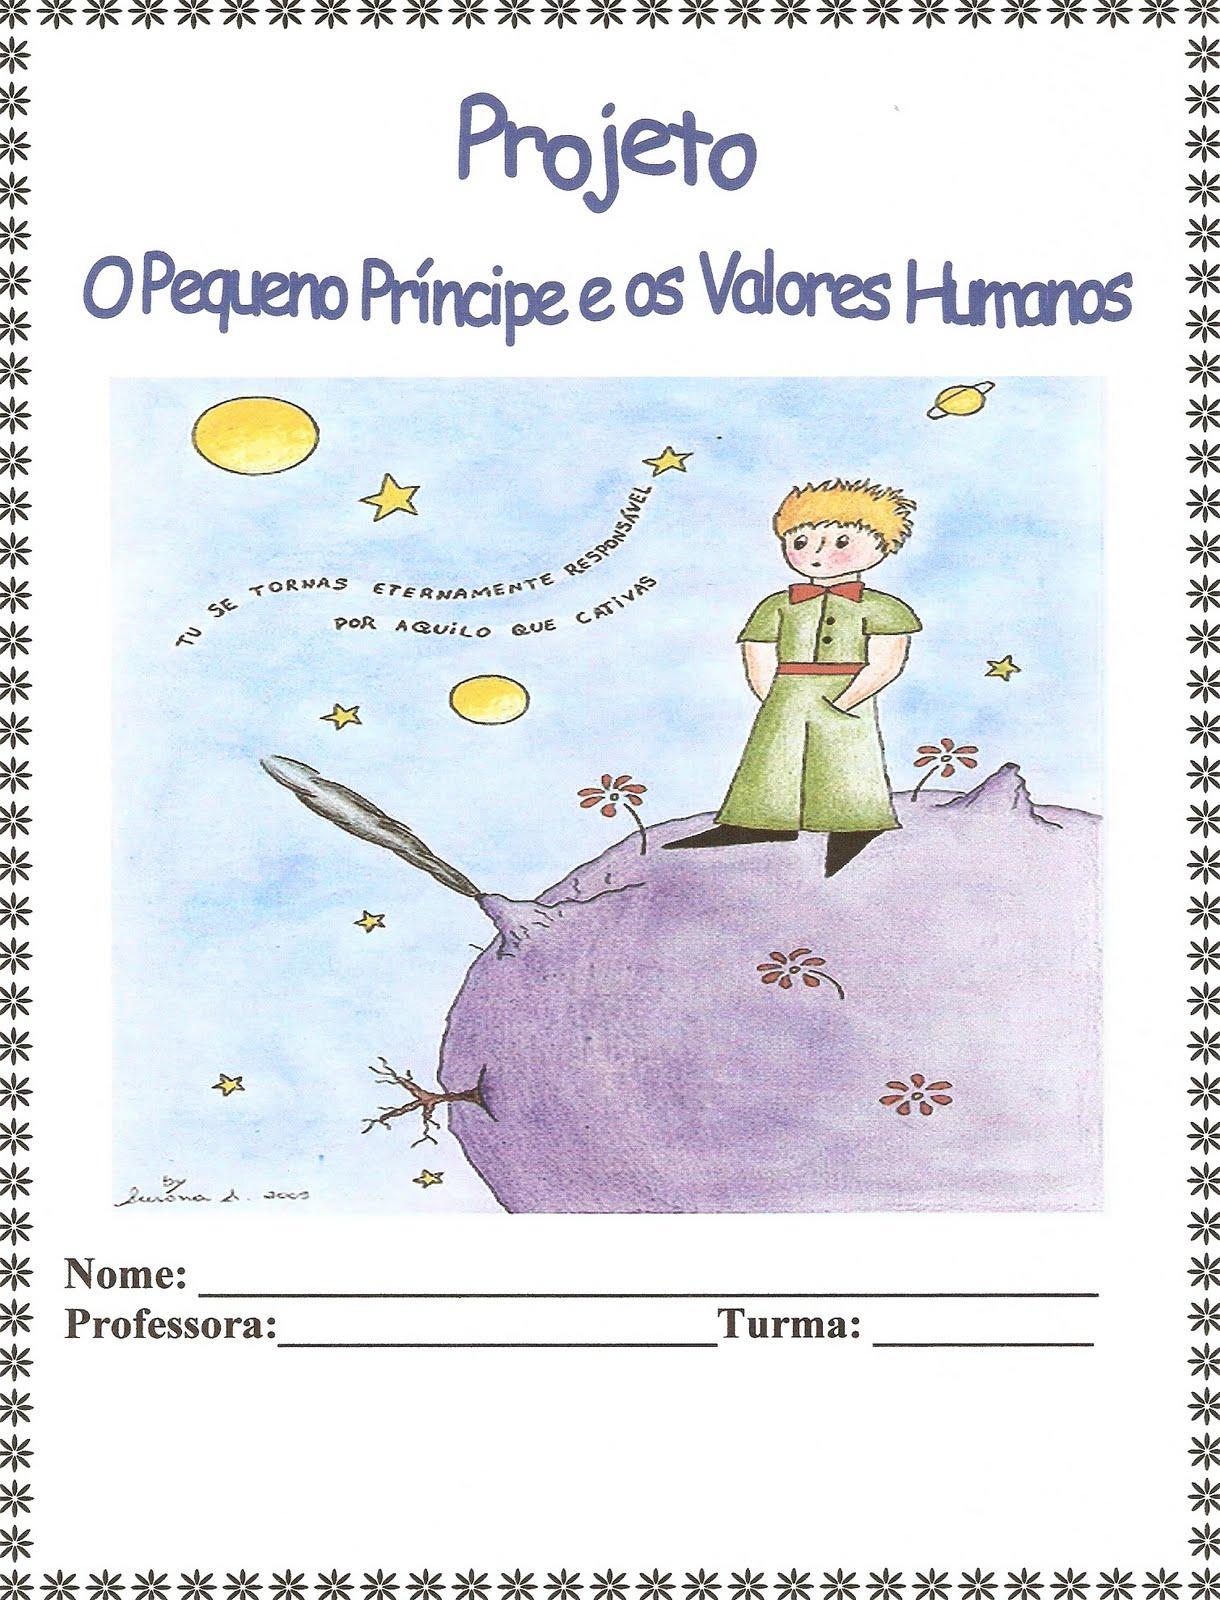 #9A8F31 Amiga da Educação 2: PROJETO PEQUENO PRÍNCIPE E OS VALORES HUMANOS! 1220x1600 px Projeto Cozinha Na Educação Infantil_4295 Imagens